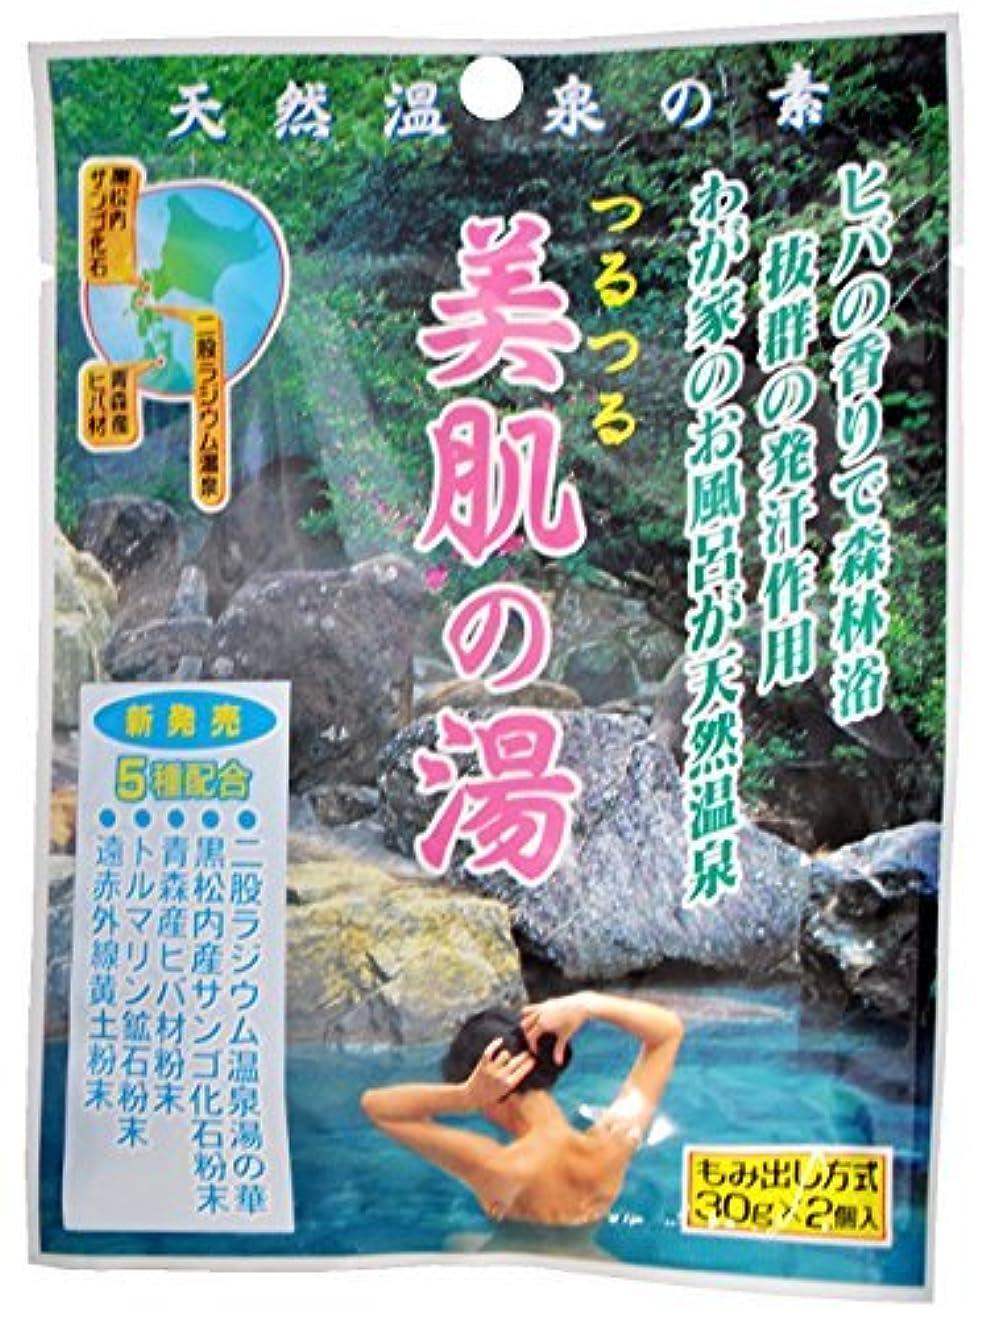 悪化する従事したジョグ【まとめ買い】天然成分入浴剤 つるつる 美肌の湯 2袋入 二股ラジウム温泉の湯の華 ×40個